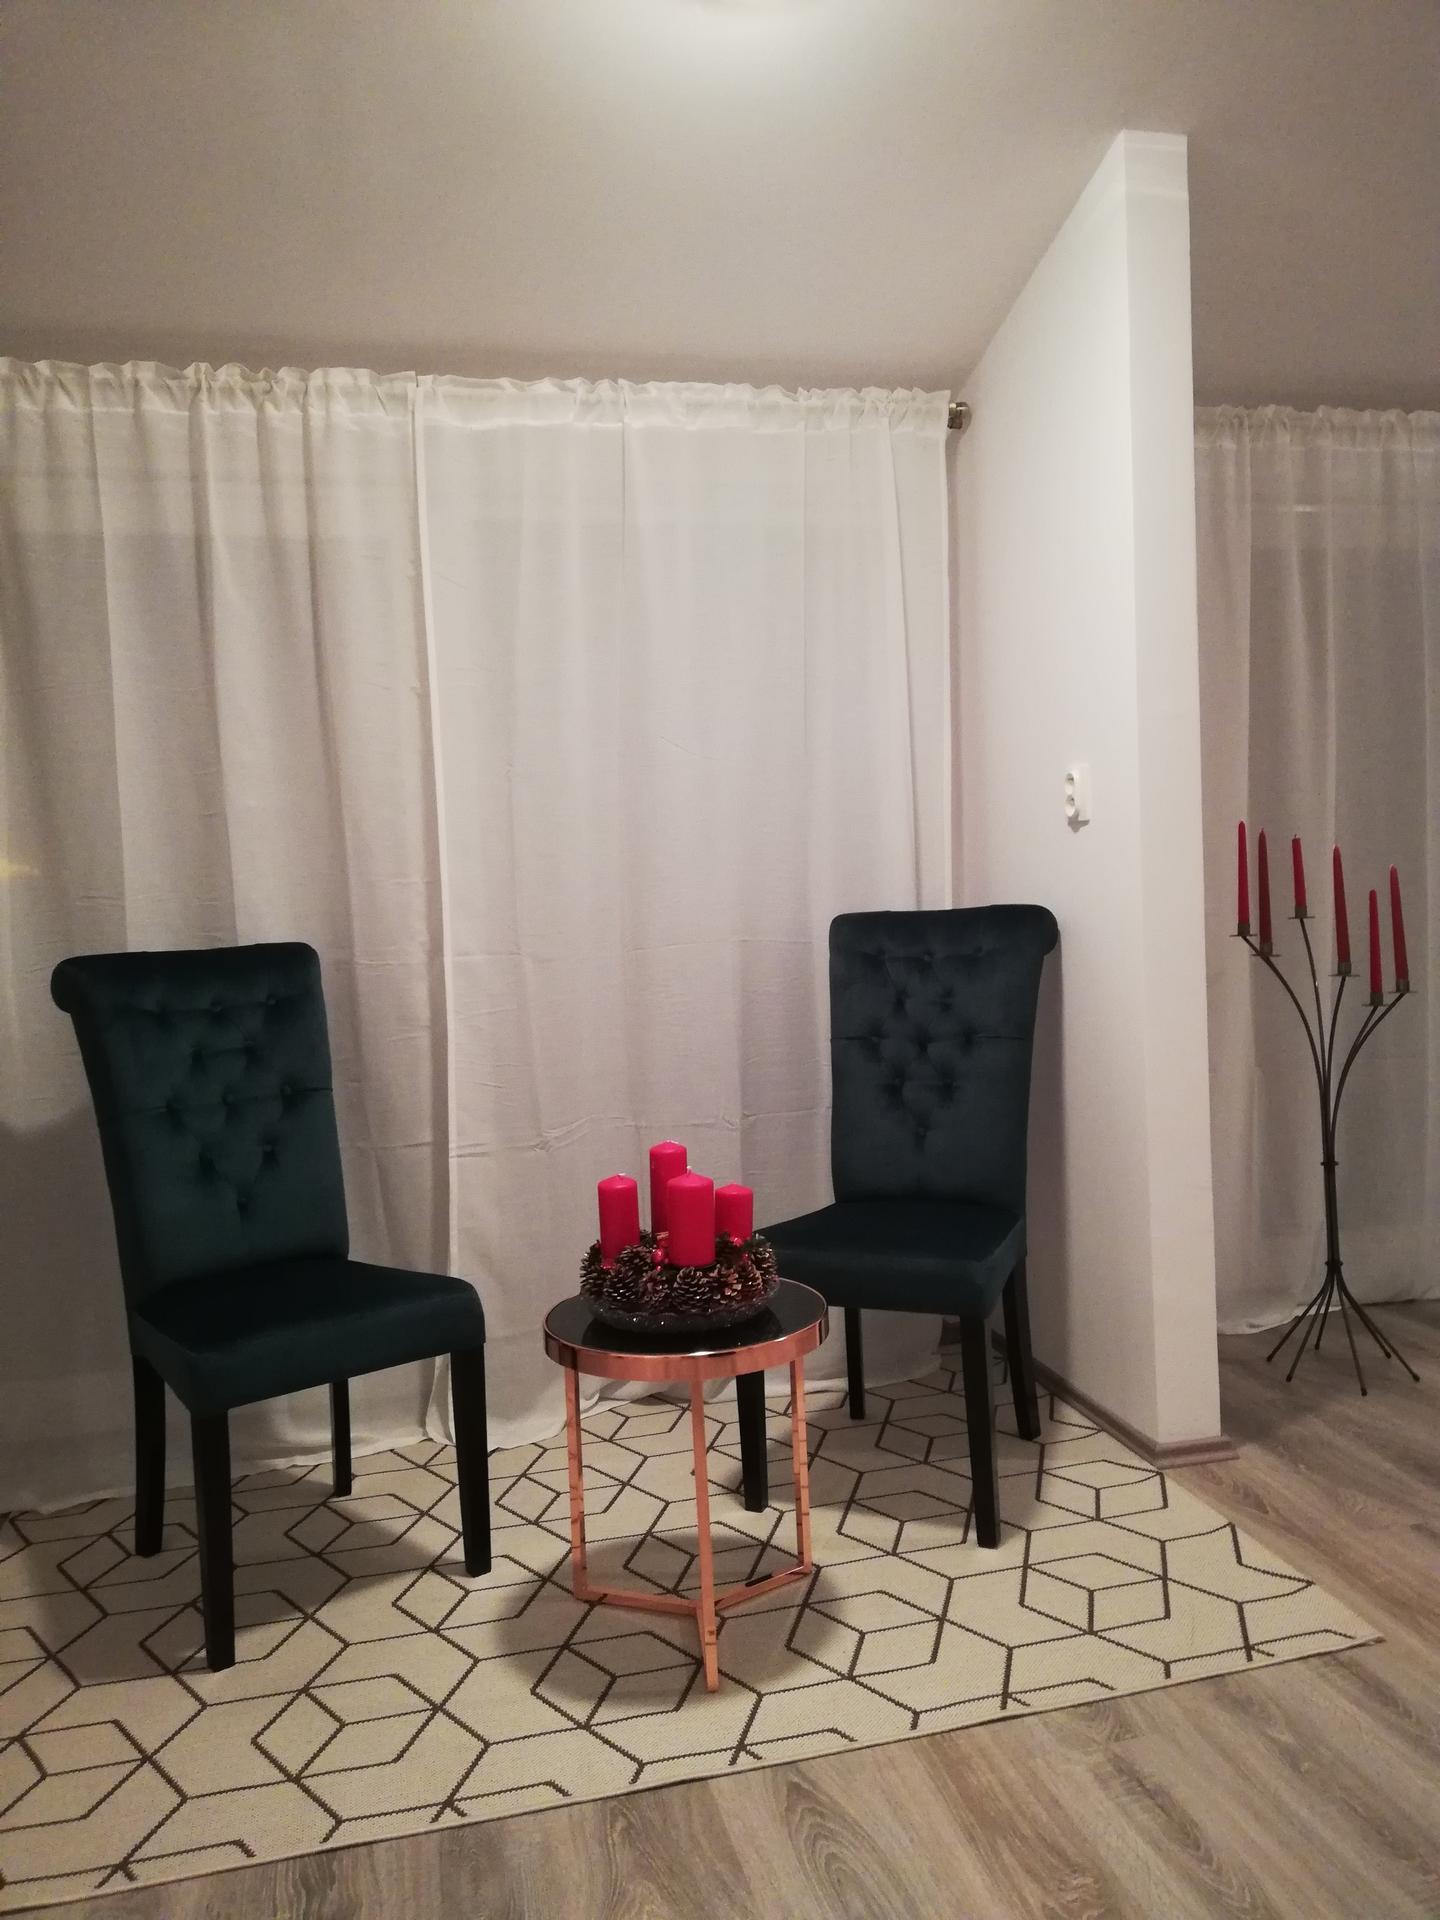 Vstavané Skrine, jedálenský stôl, relaxačný kútik - Obrázok č. 1